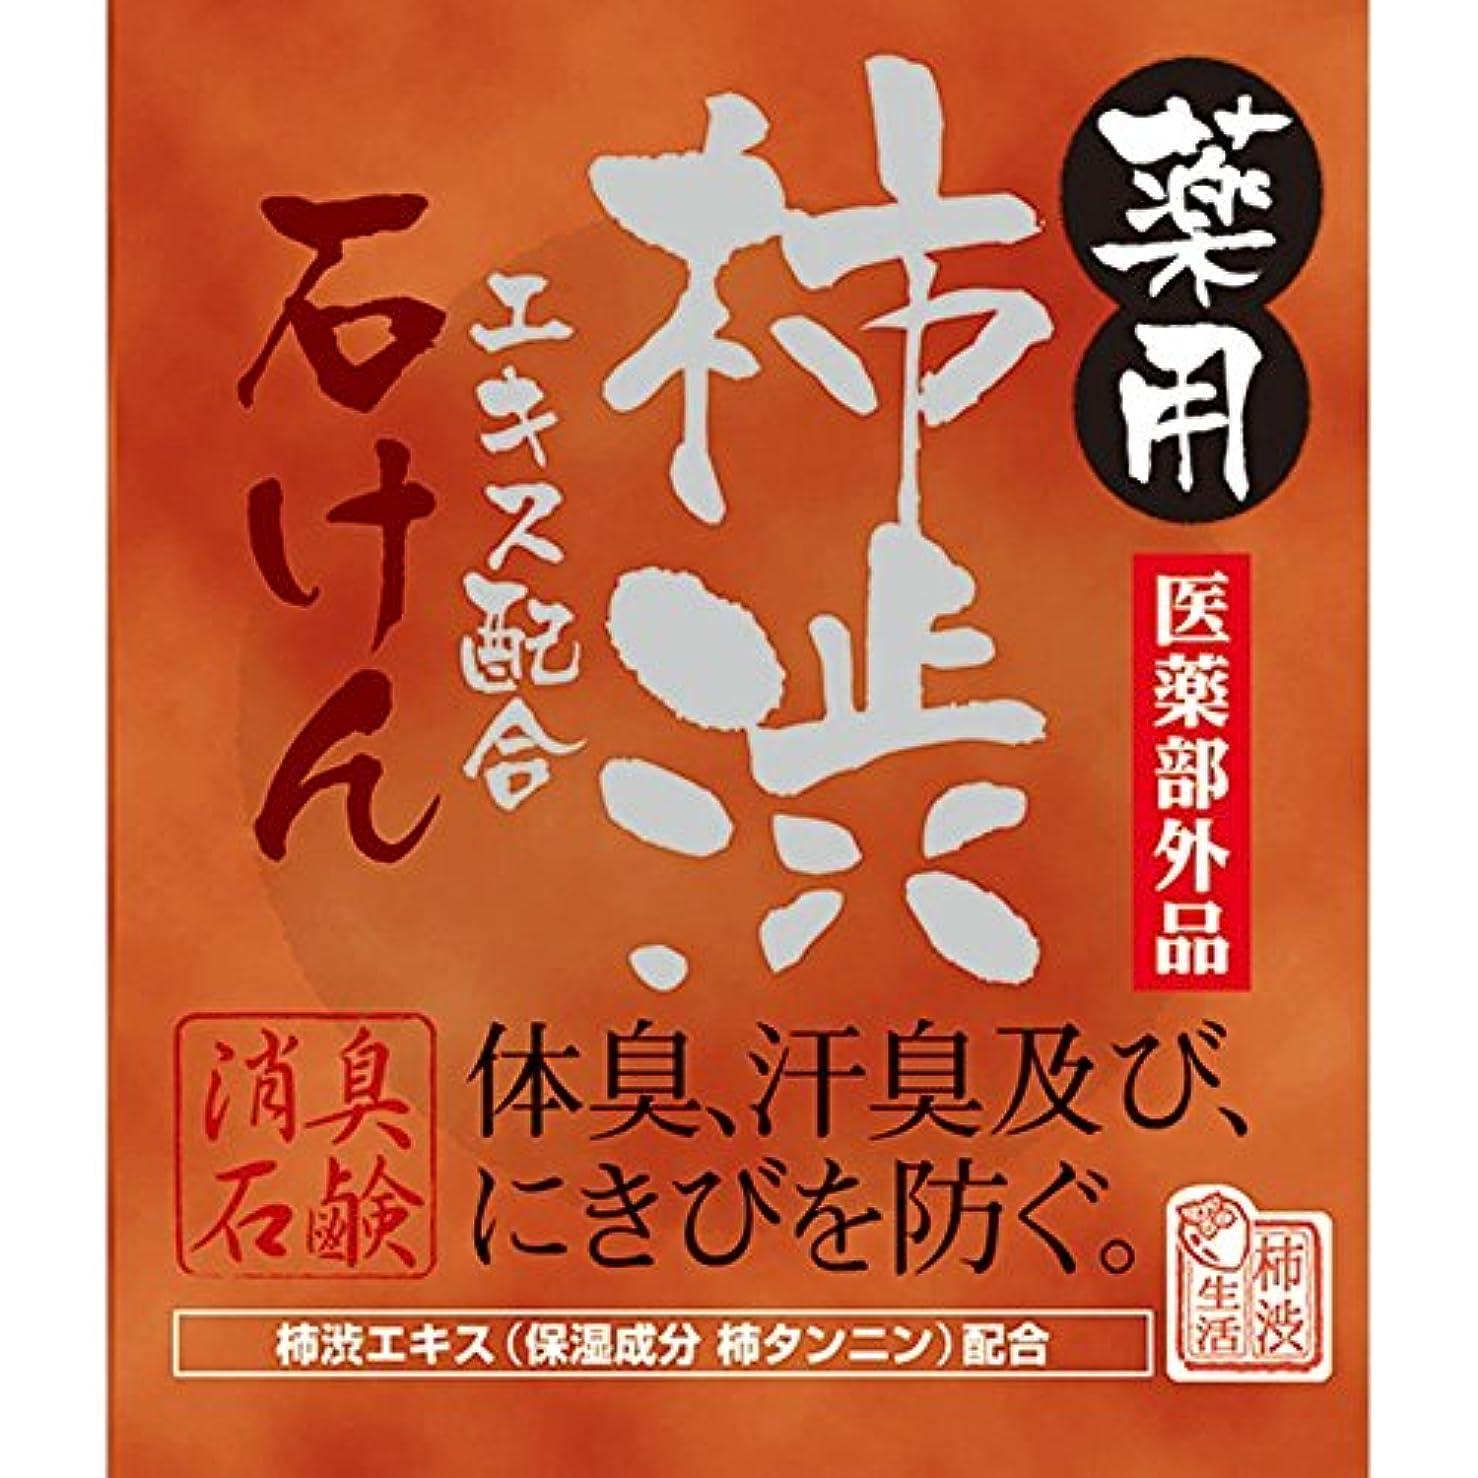 干ばつモザイクコーチ薬用柿渋石けん 100g[医薬部外品]